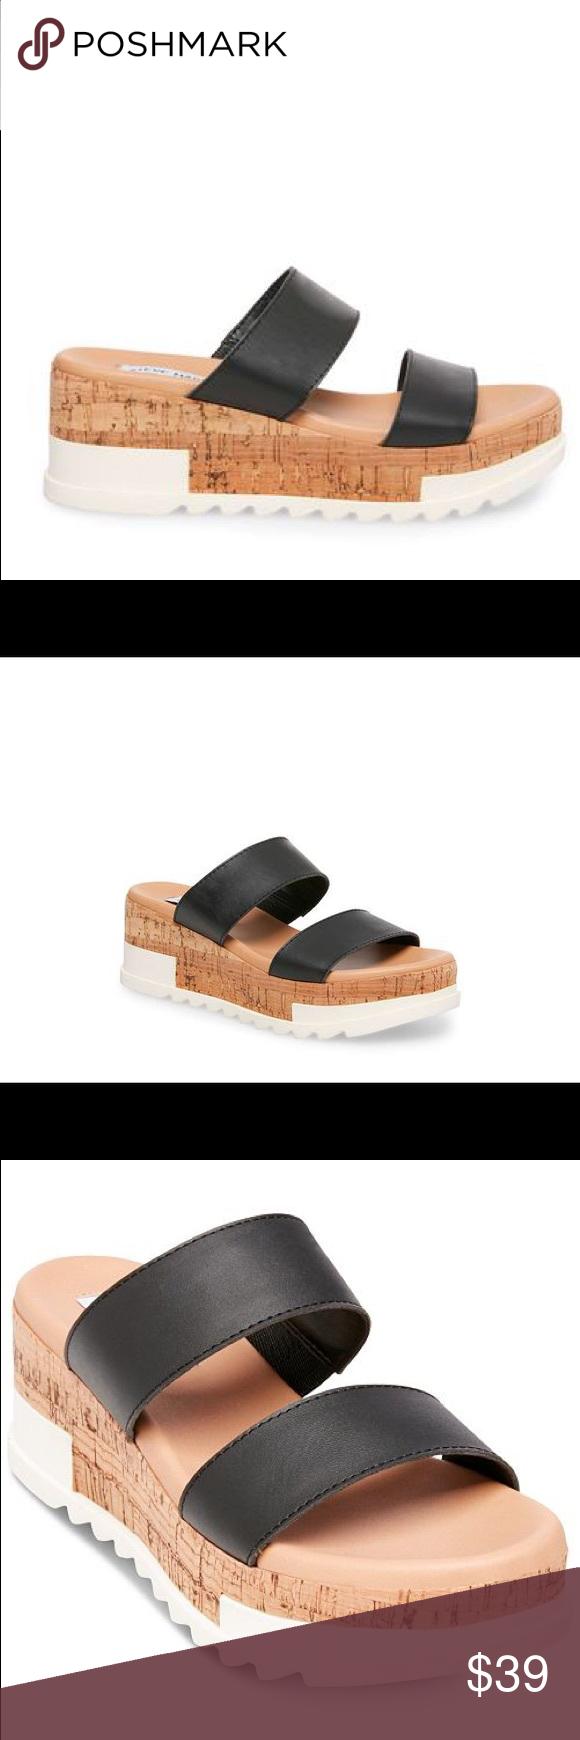 Flatform sandals, Steve madden shoes